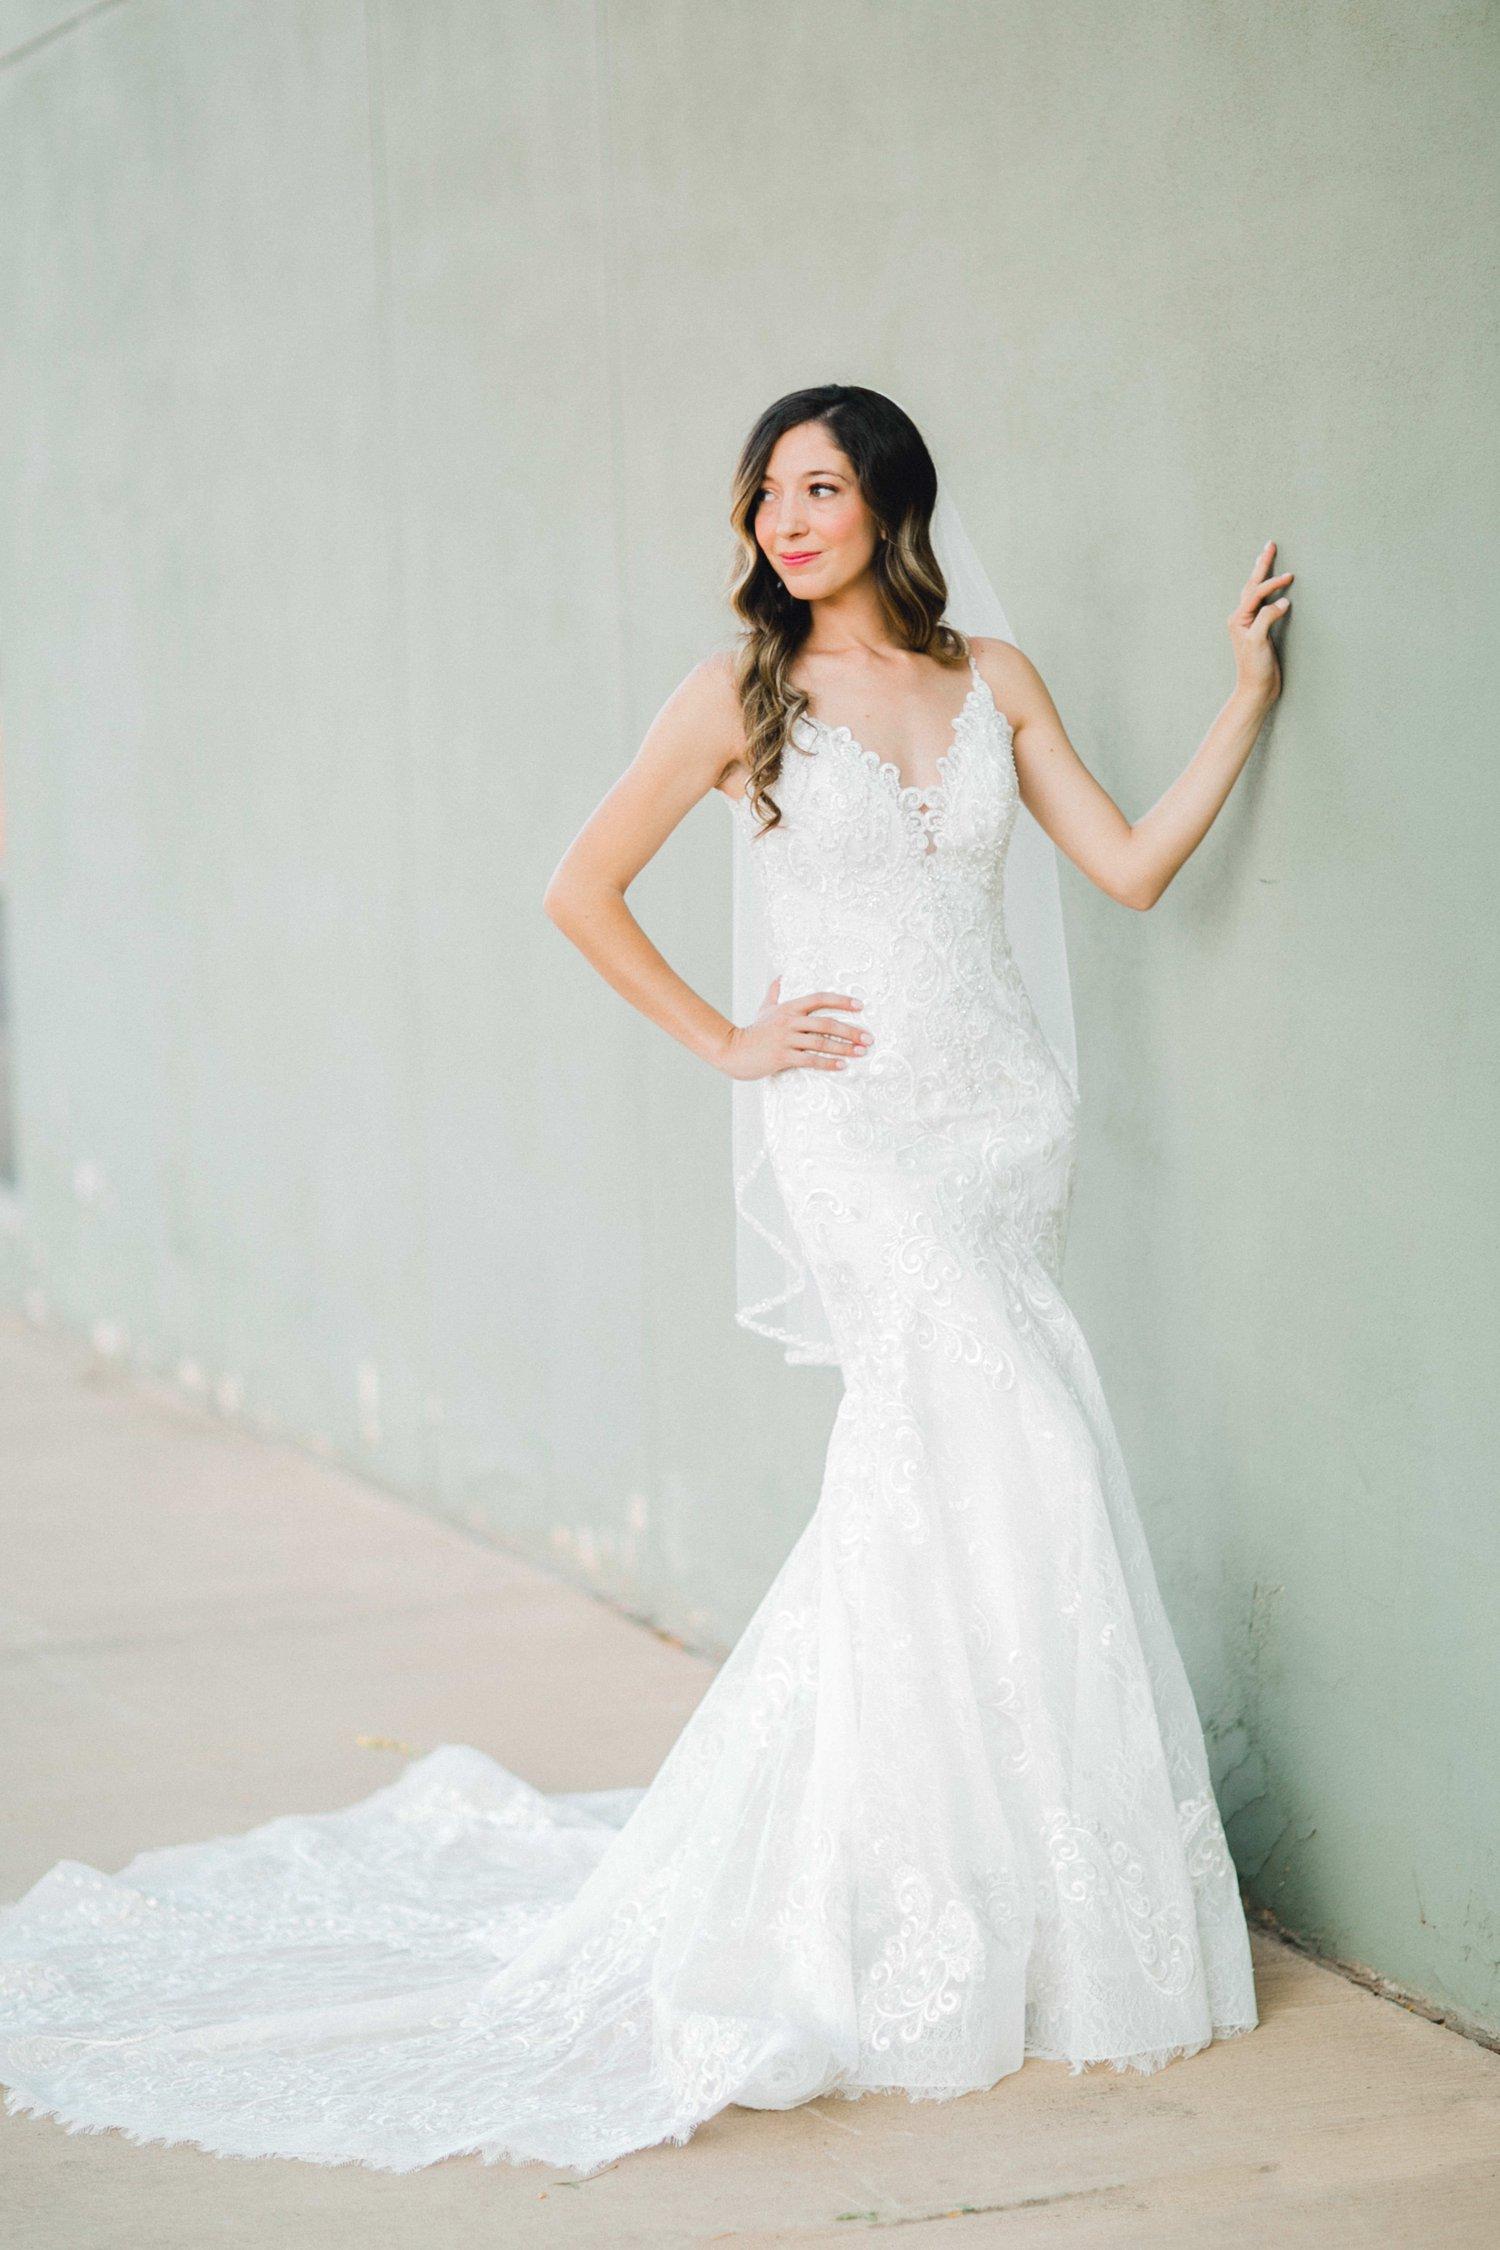 Ashley_Parr_Bridals_ALLEEJ_caprock_winery_romantic_elegant0003.jpg